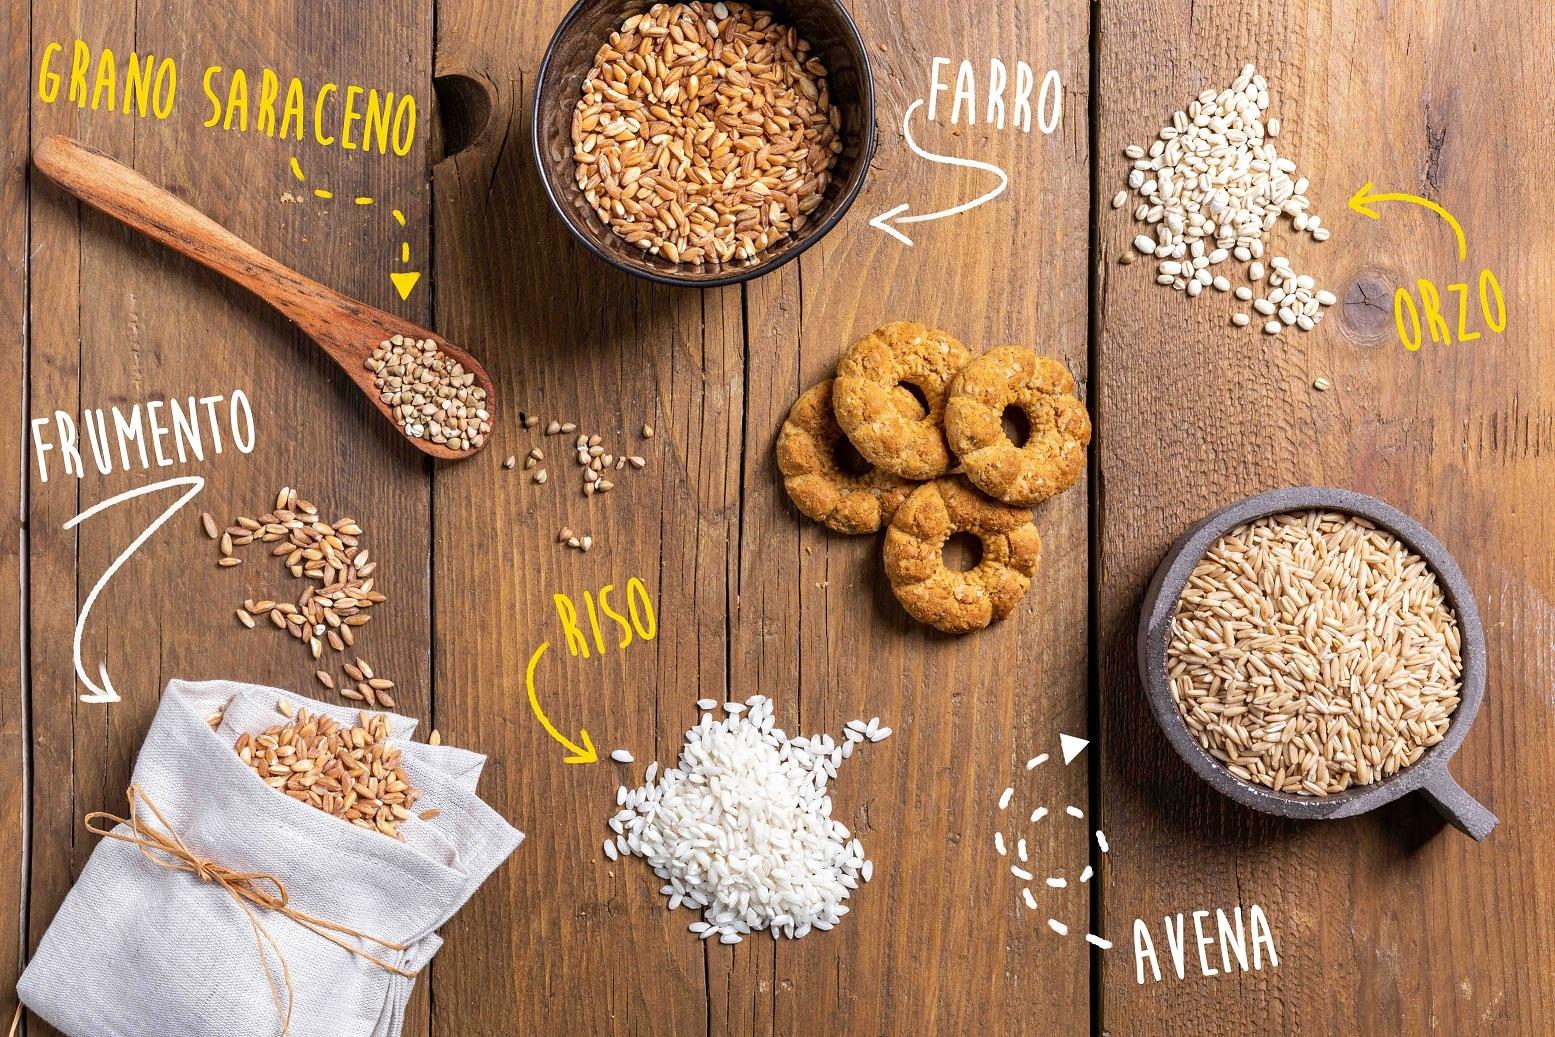 Il benessere passa anche per un biscotto cerealoso. Con il buco!